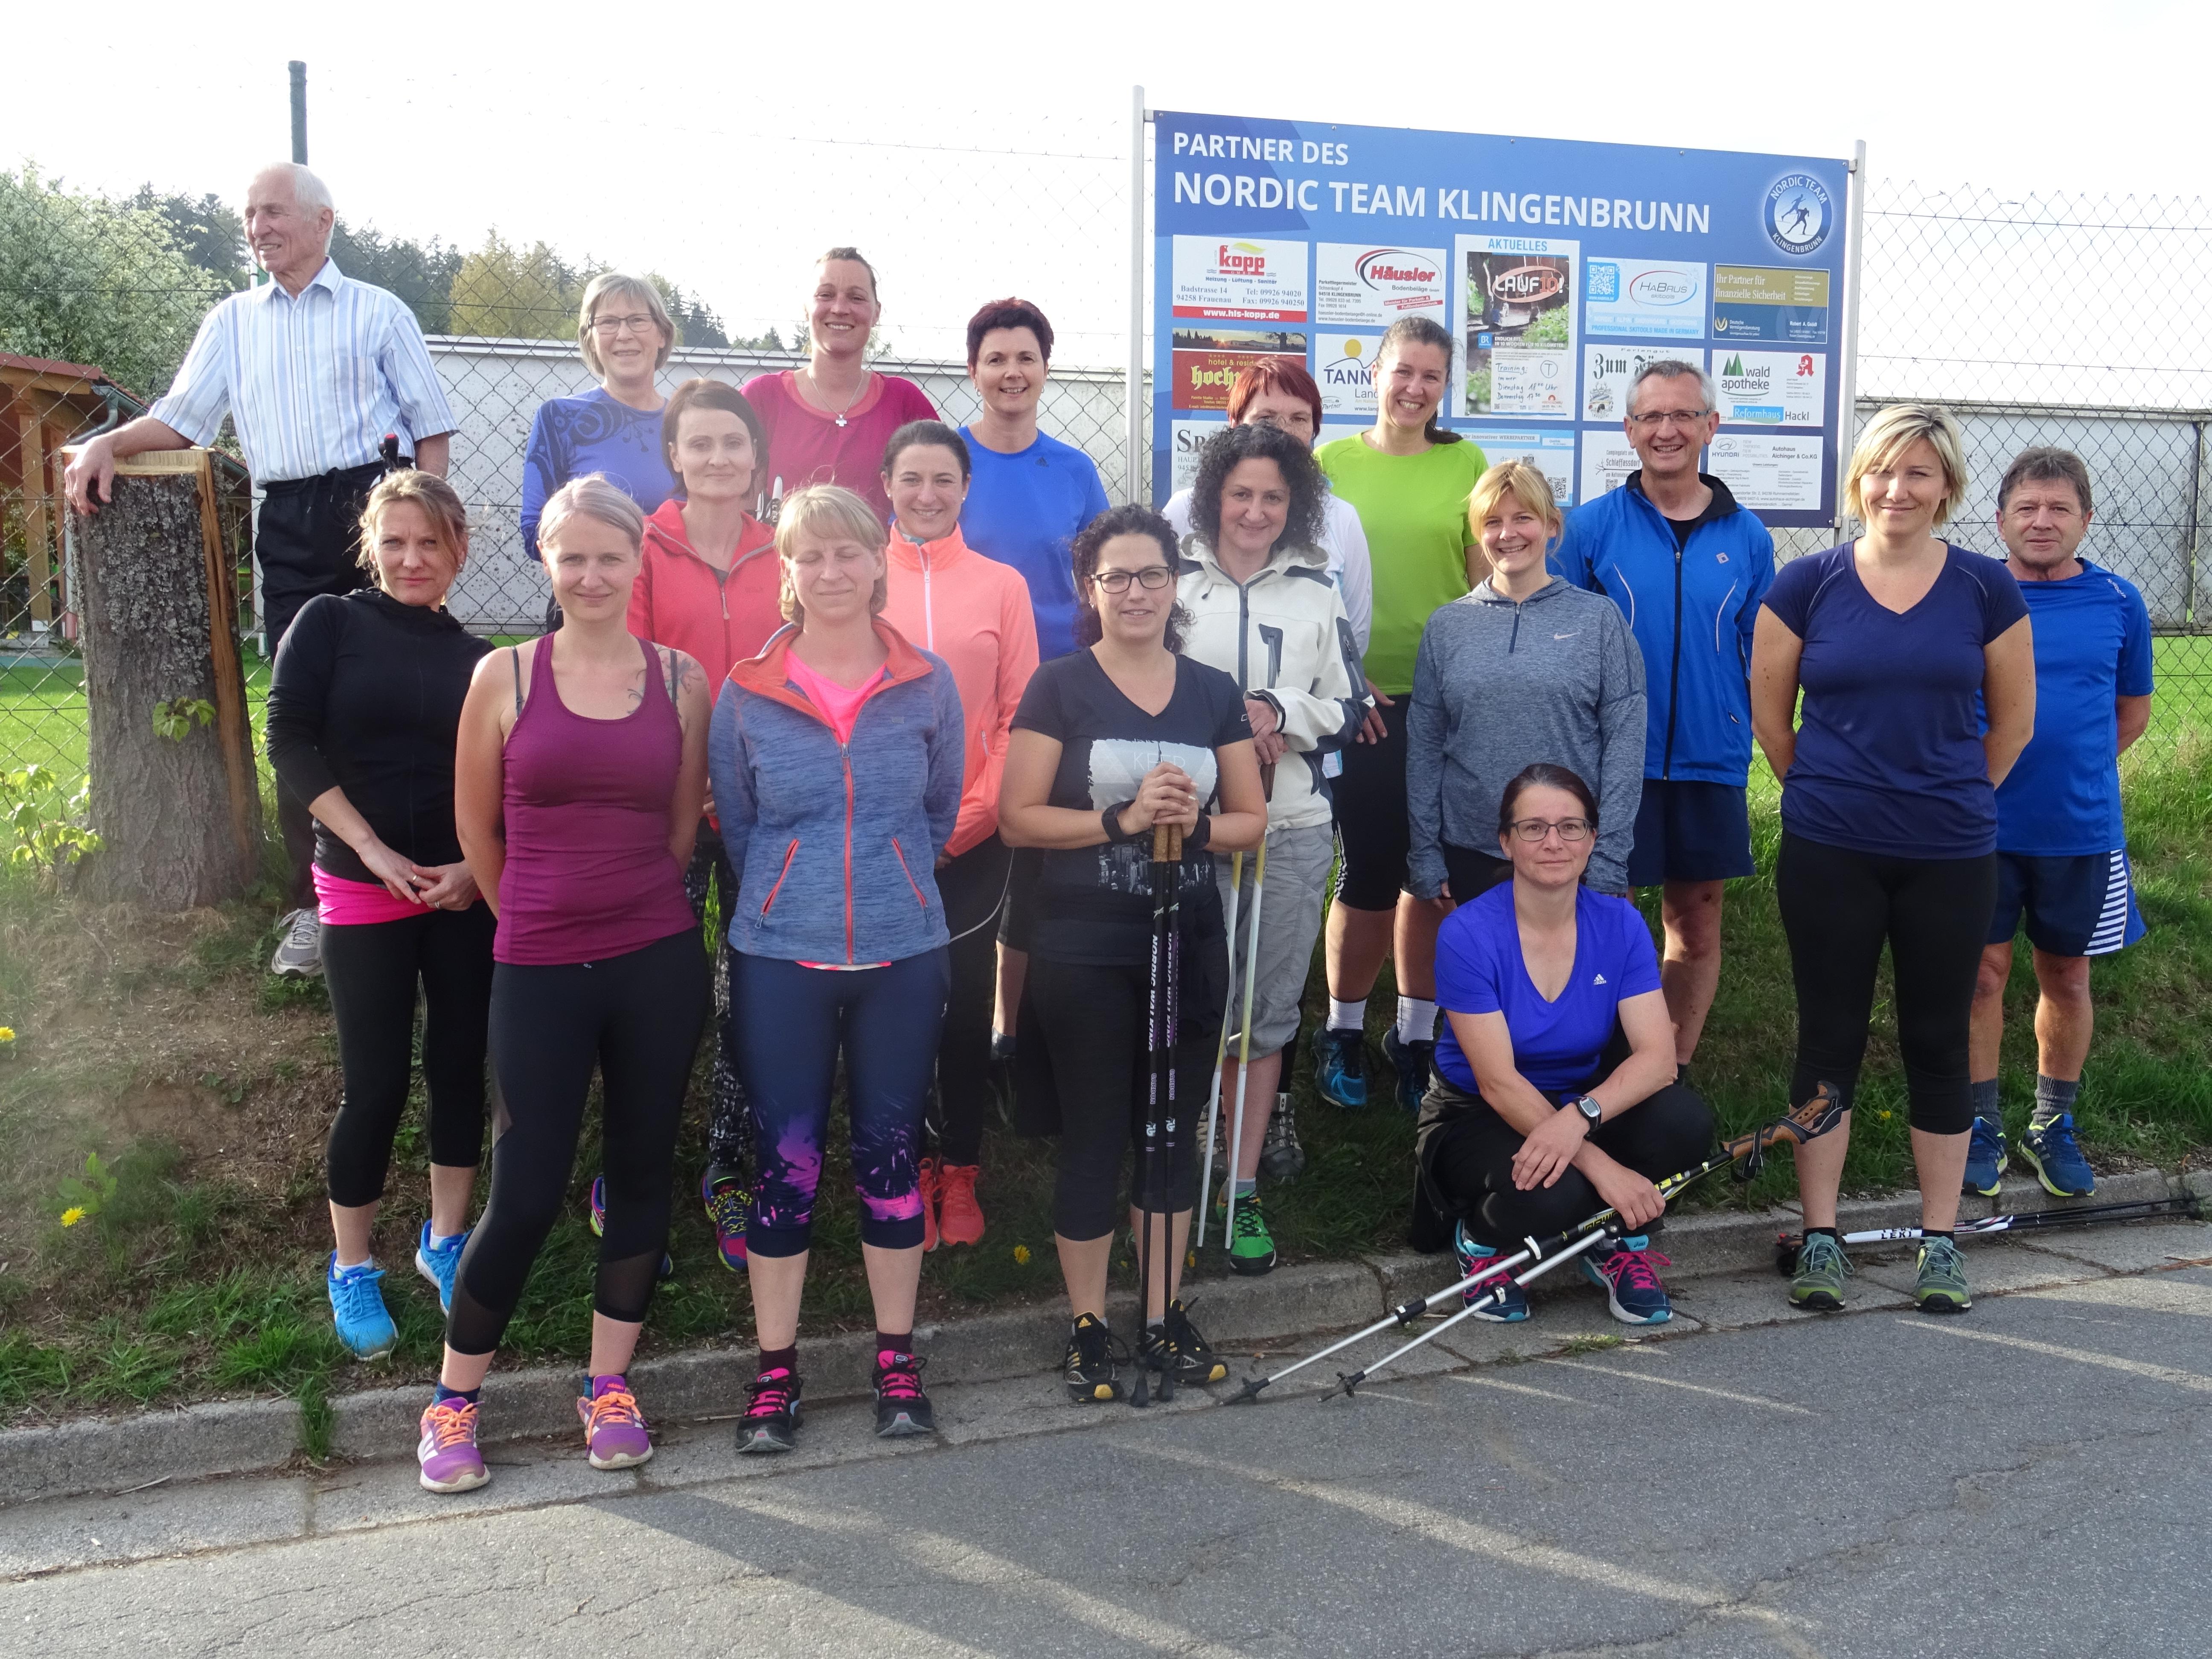 Etwa 20 Teilnehmer haben sich für Lauf 10! in Klingenbrunn begeistert und trainieren zweimal wöchentlich für den Abschlusslauf. Foto: Nordic Team Klingenbrunn